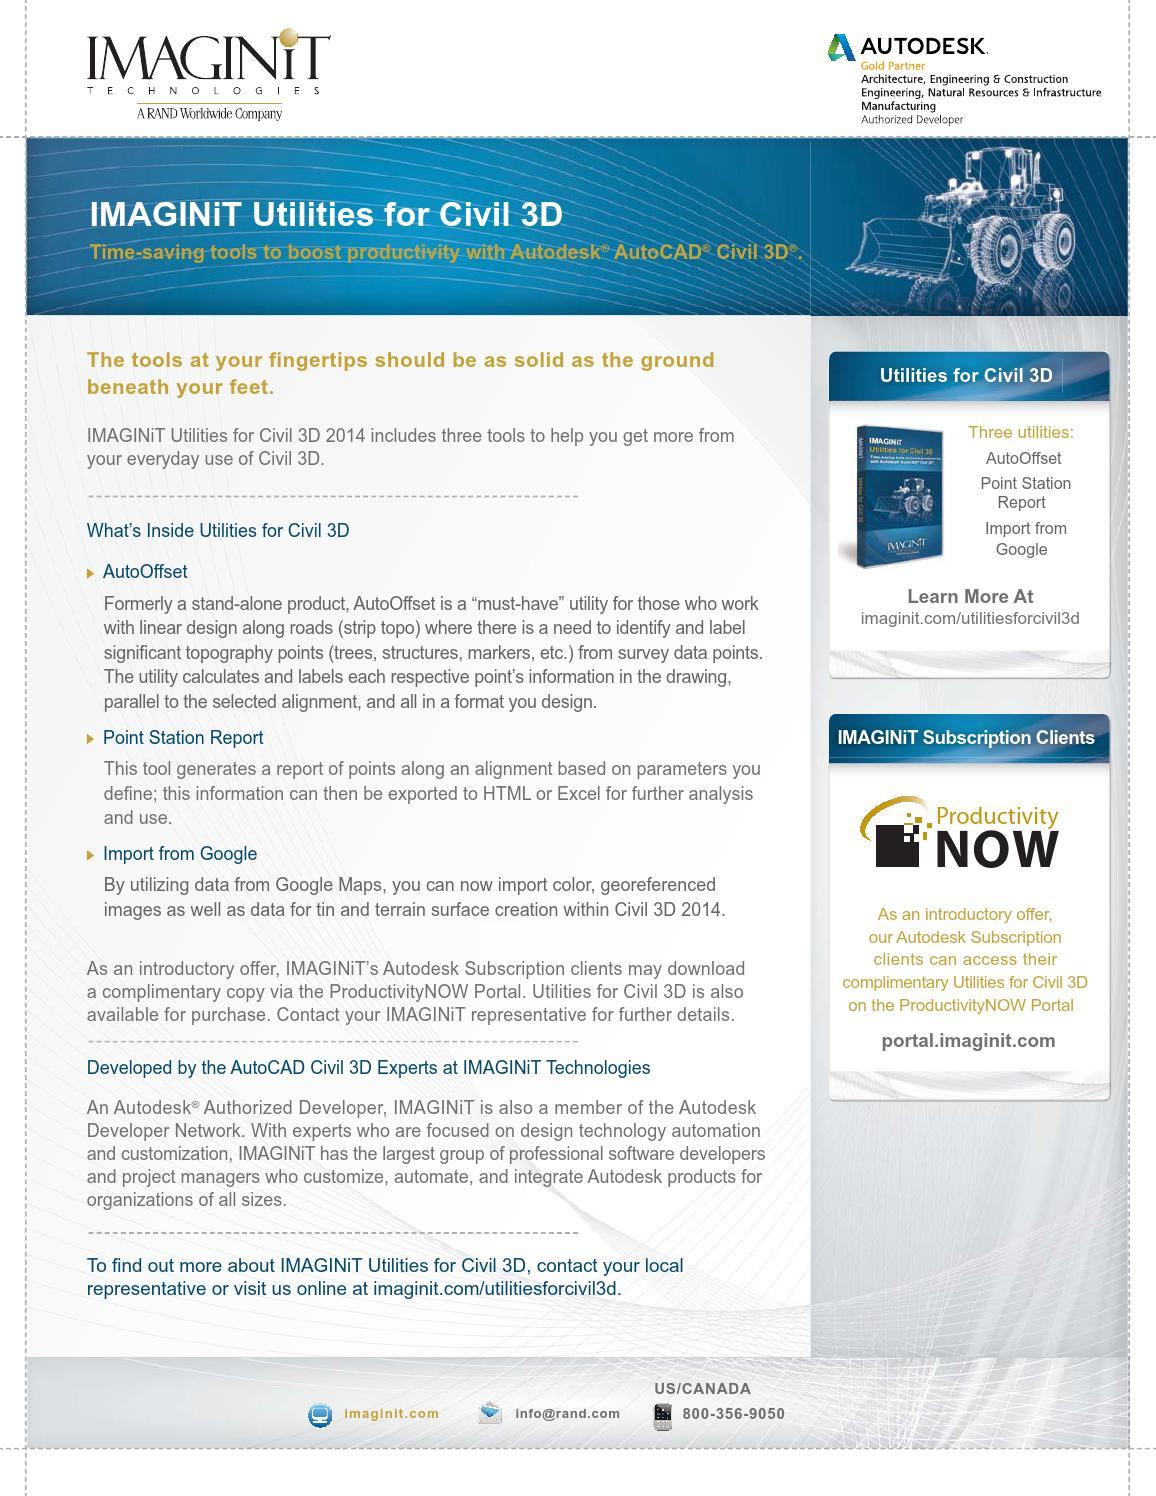 Imaginit utilities civil3d 2014 by Muhammad Haque - issuu